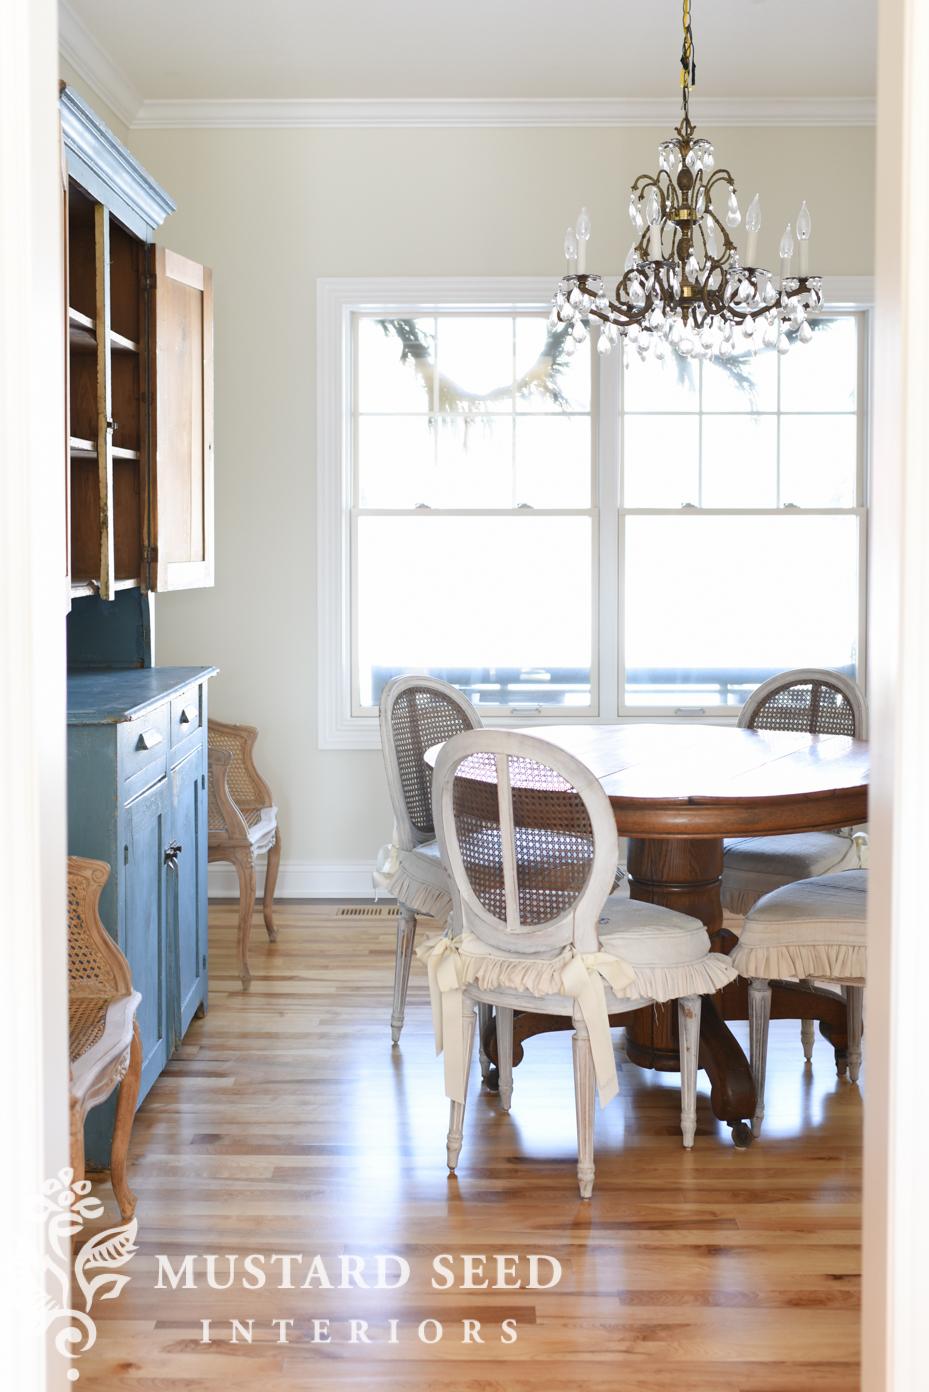 dining room makeover progress | miss mustard seed